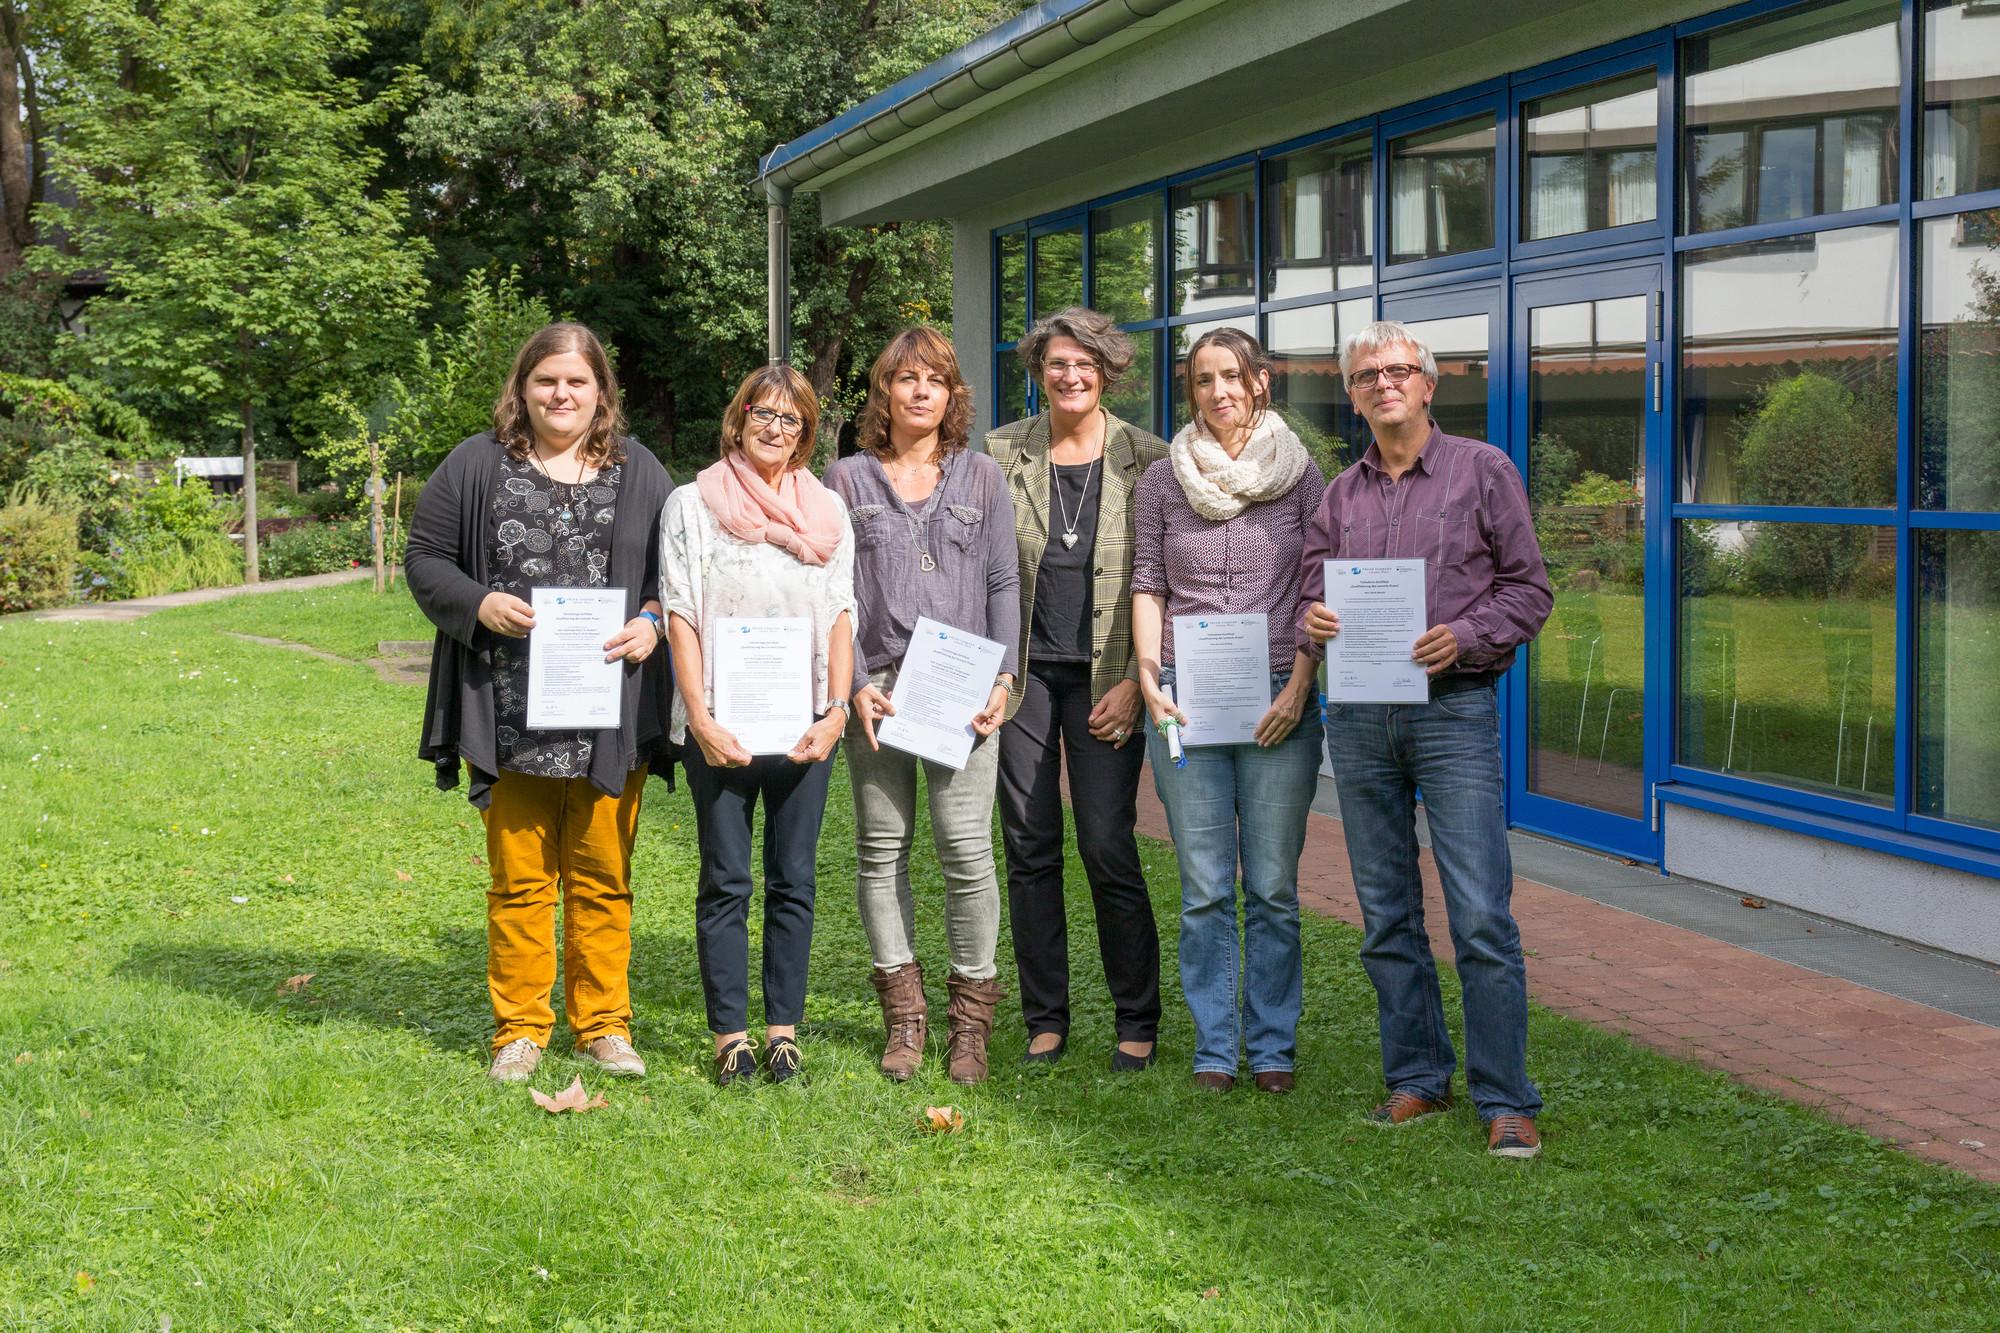 Die Teilnehmenden der Weiterbildung in Frankfurt nach der Zertifikatsübergabe.